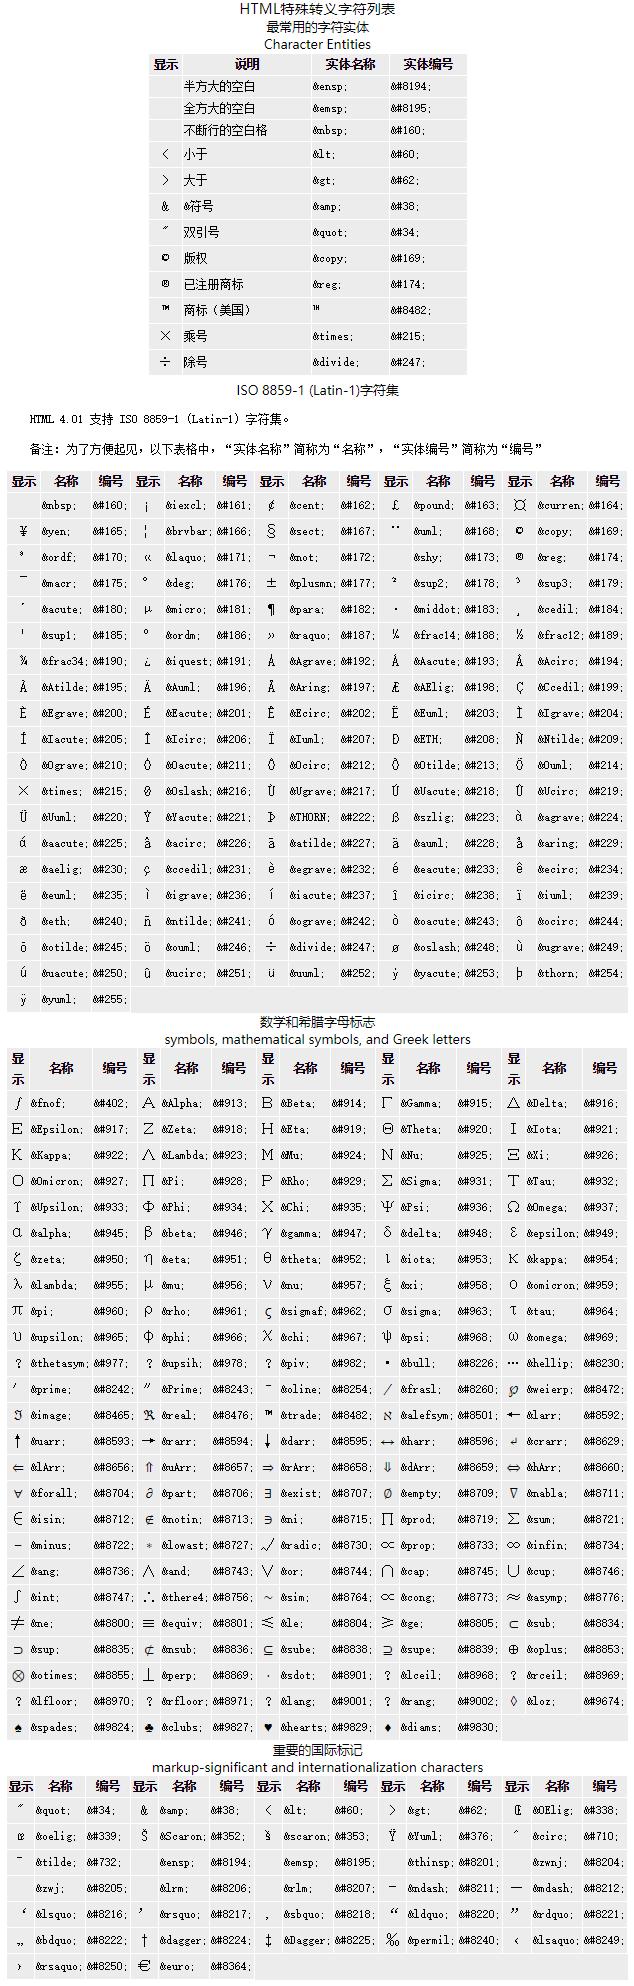 常用HTML转义字符表,JavaScript转义符,HTML语言特殊字符对照表(ISO Latin-1字符集)